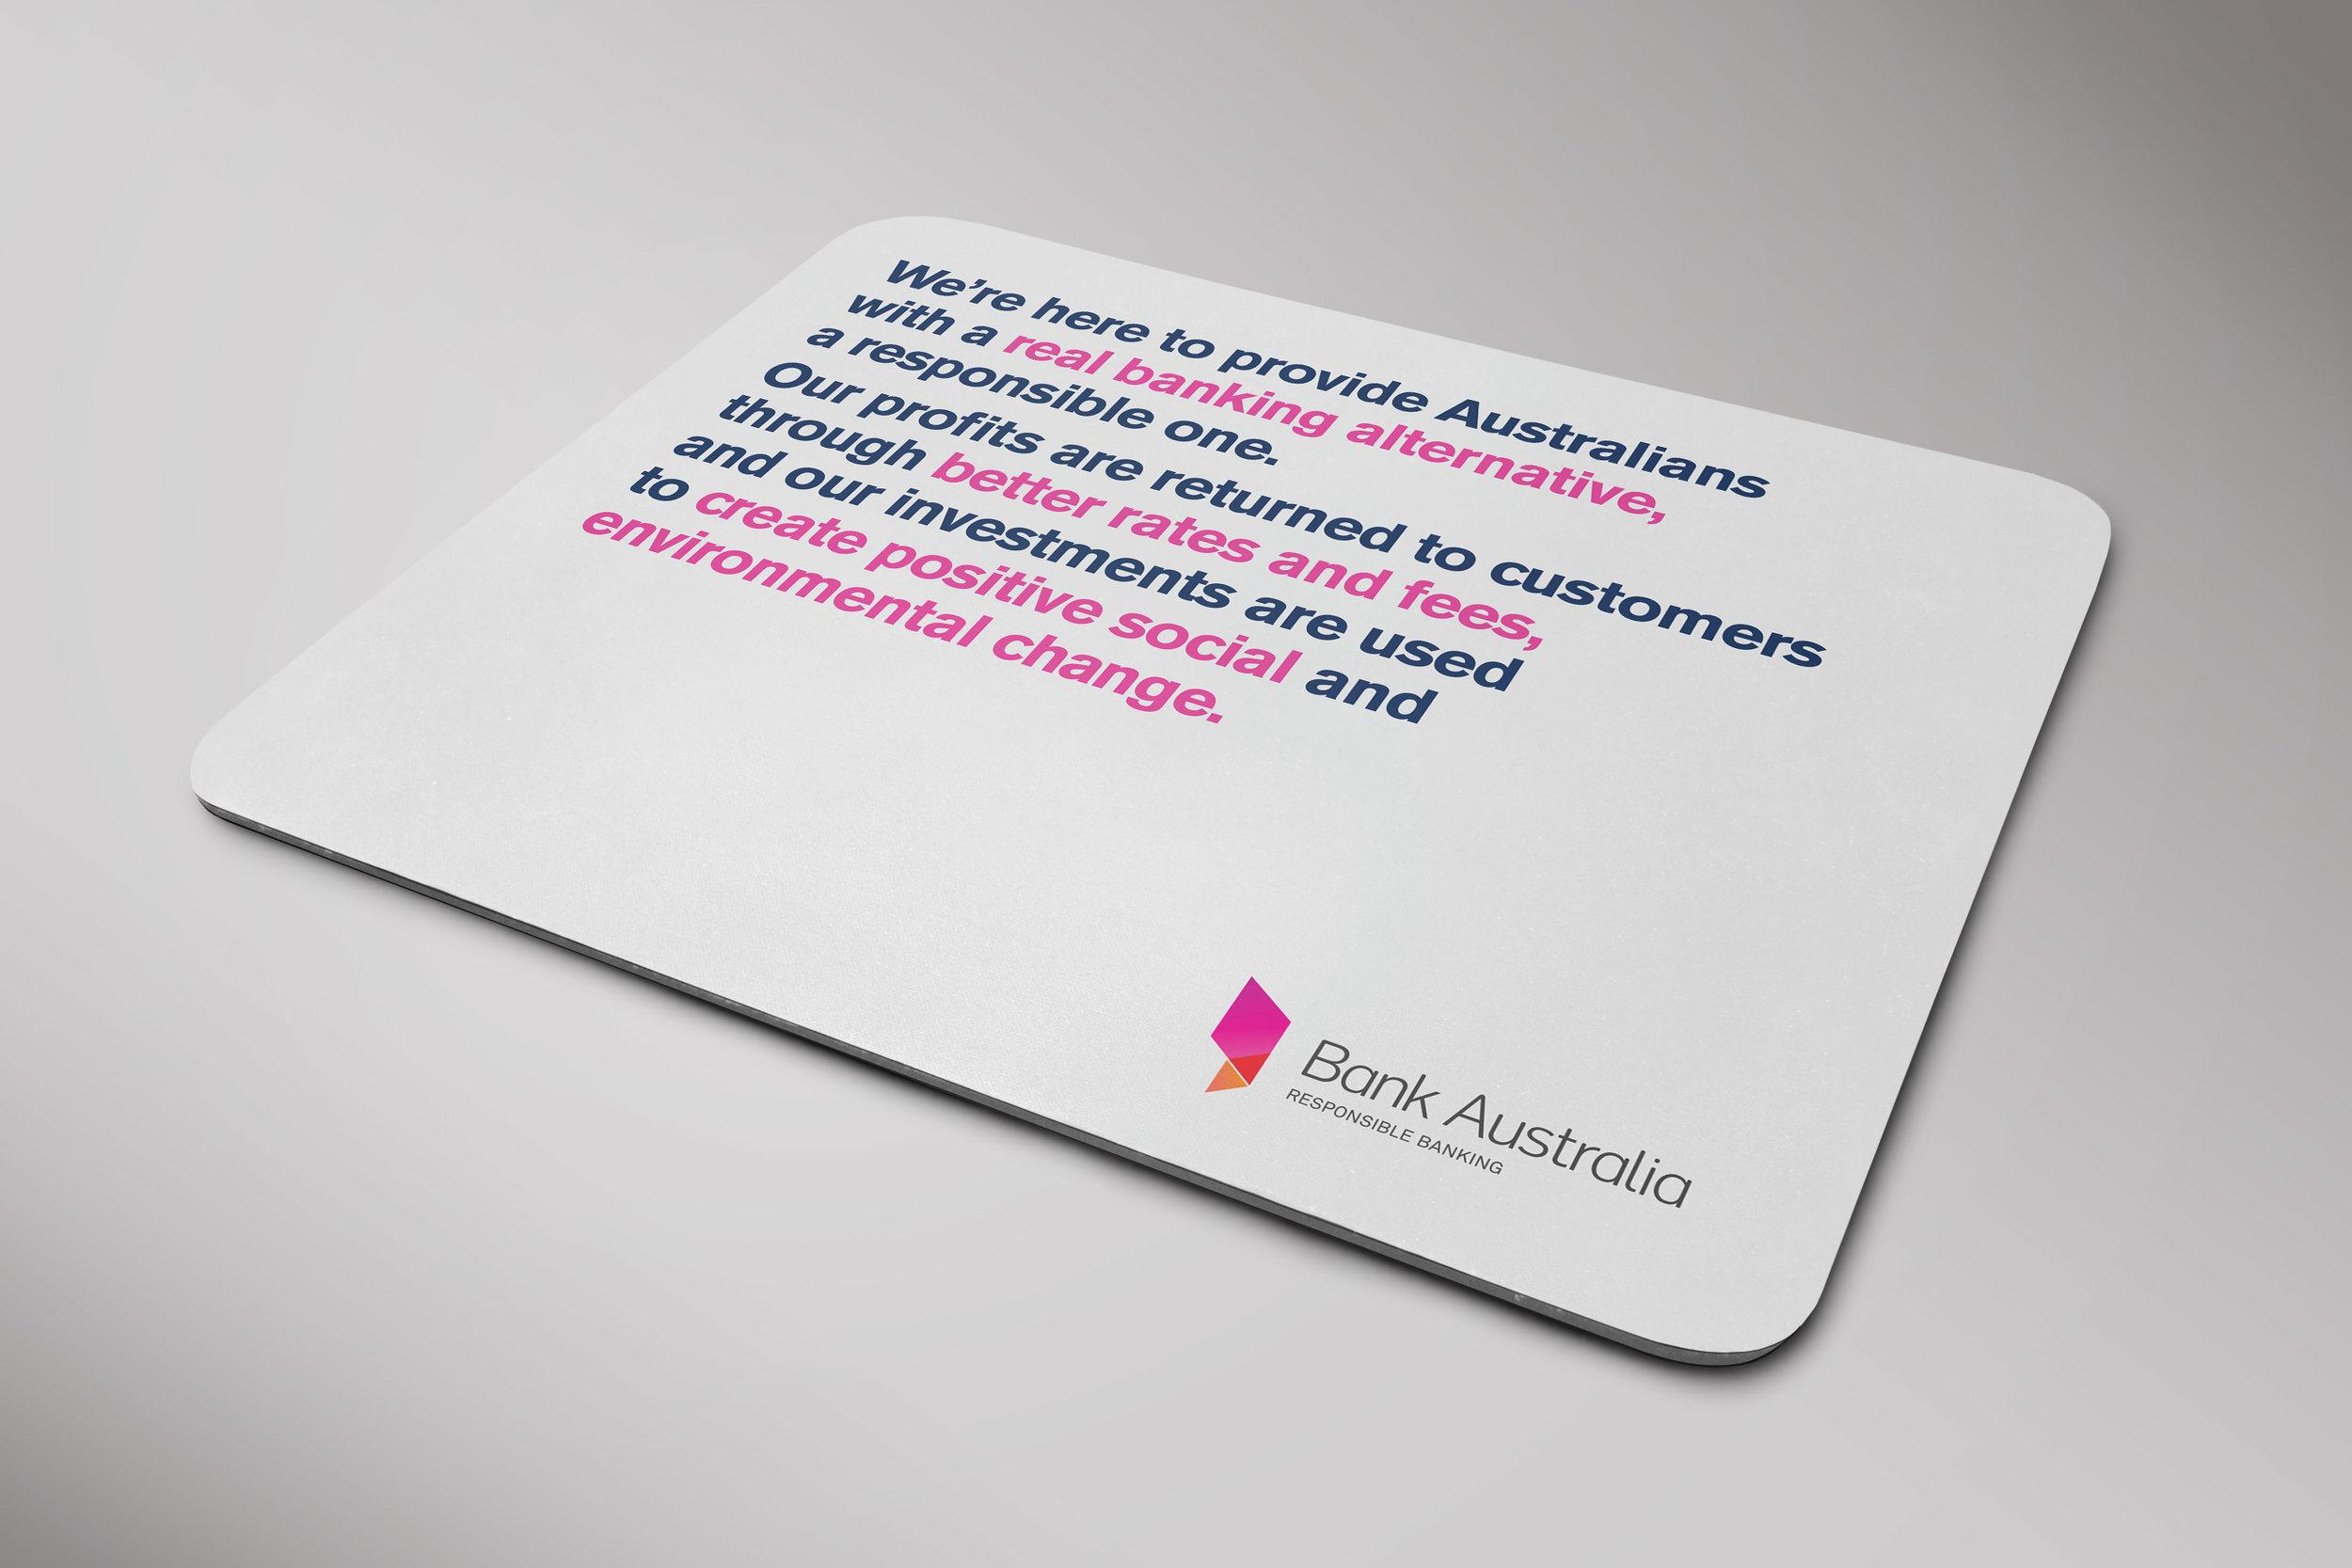 DDE_BAU_MousePad-1.jpg